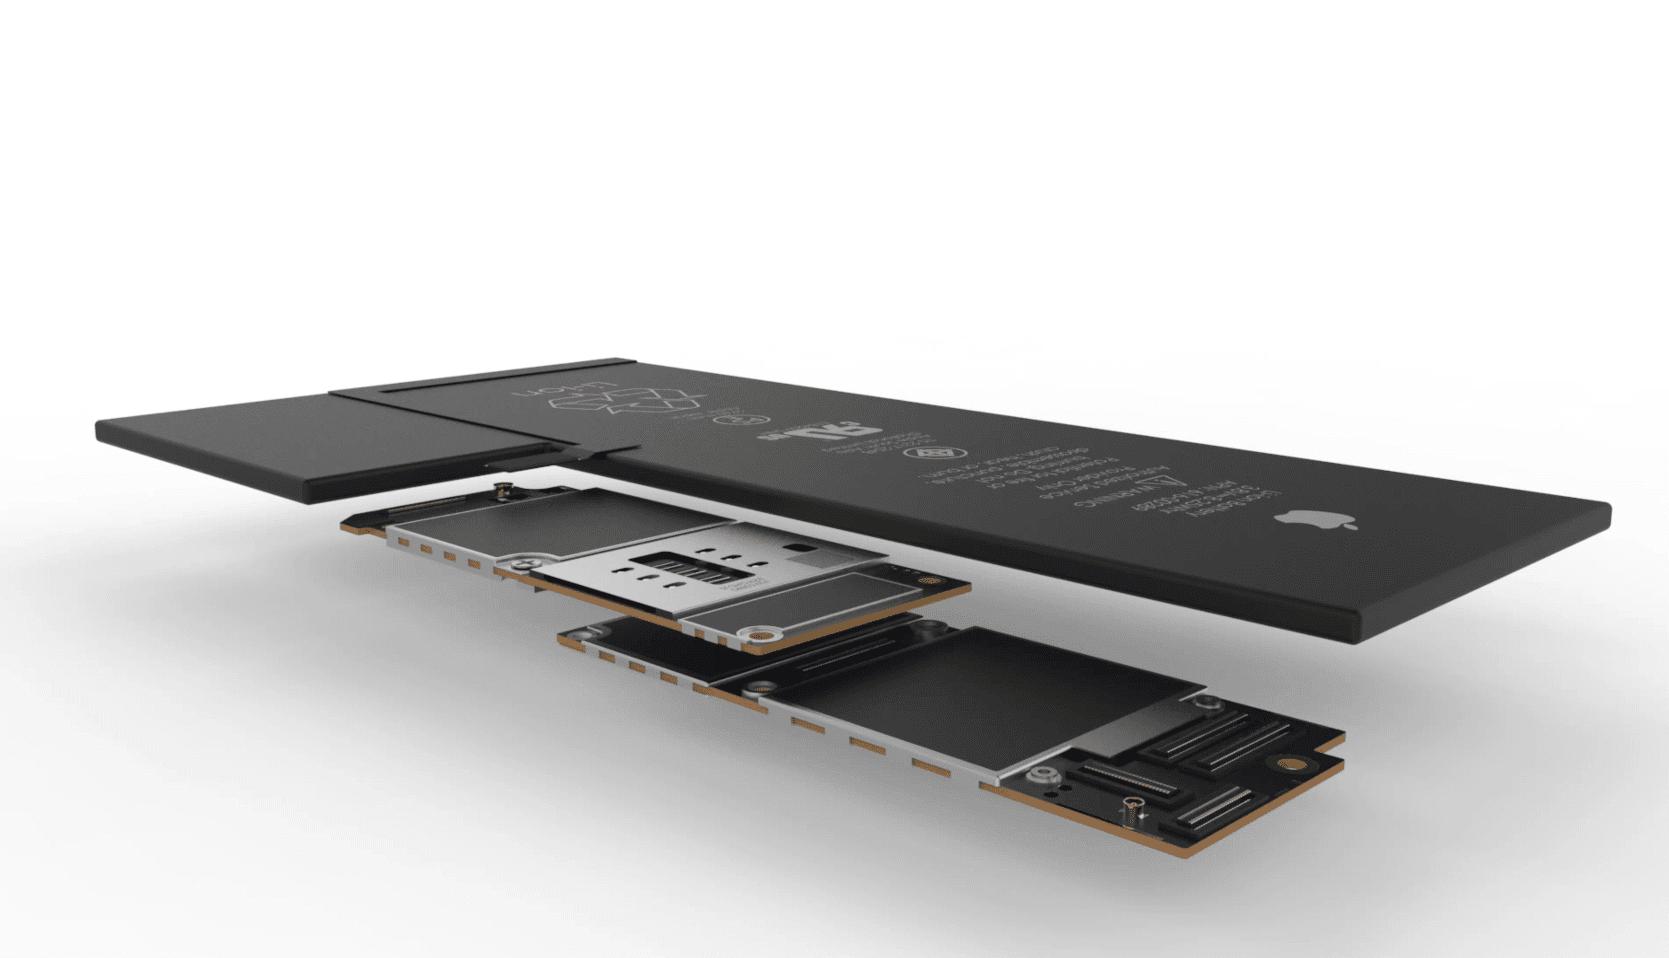 MB Baterie - iPhone 8: Jakých se dočkáme komponentů?